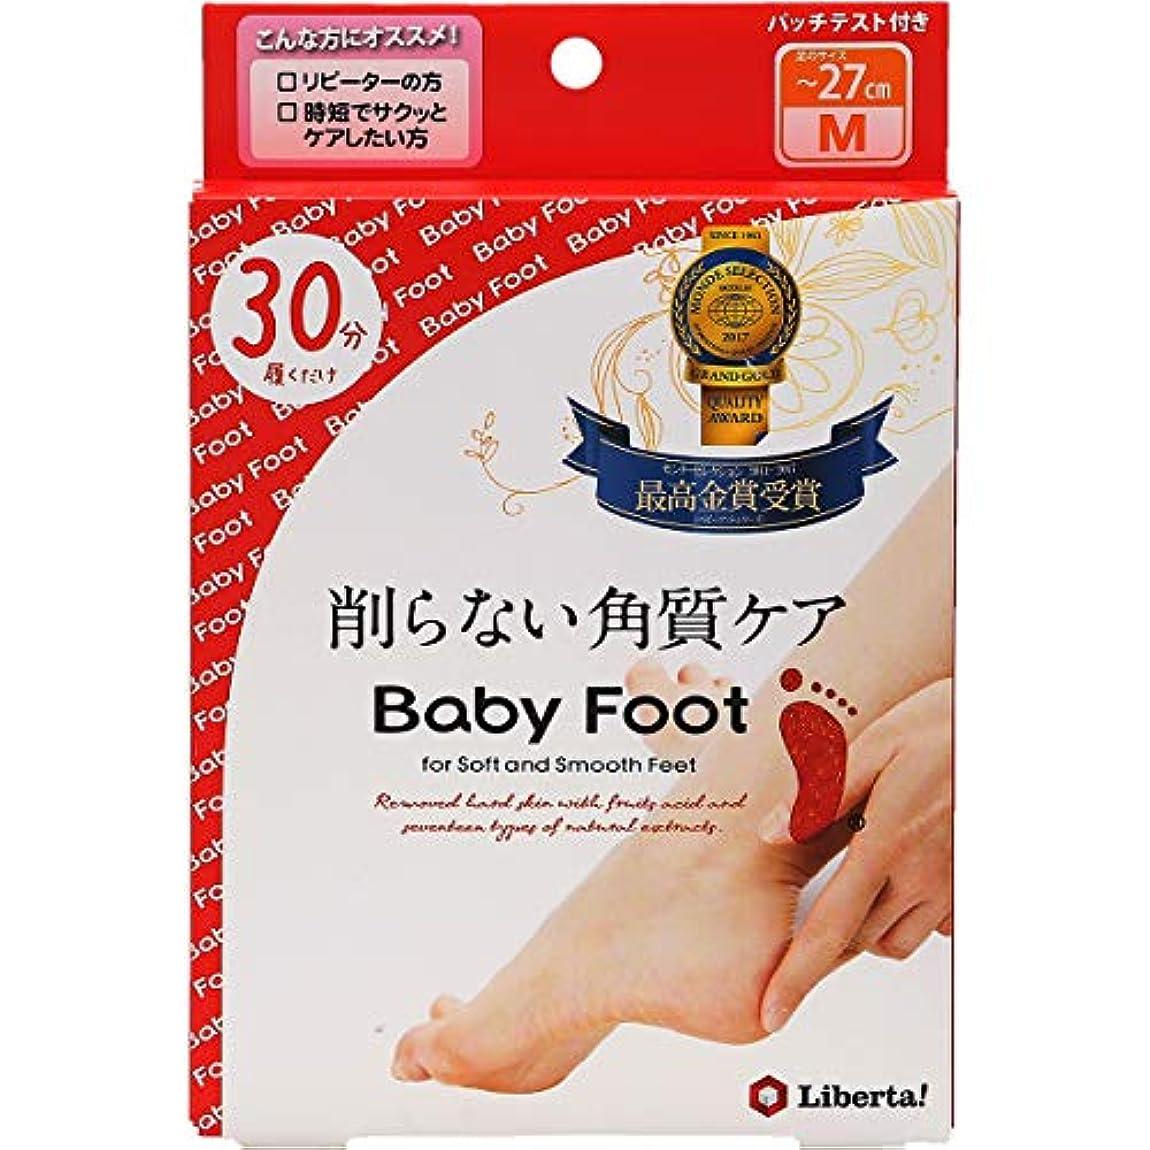 お茶肉腫ピンチベビーフット (Baby Foot) ベビーフット イージーパック30分タイプ Mサイズ 単品